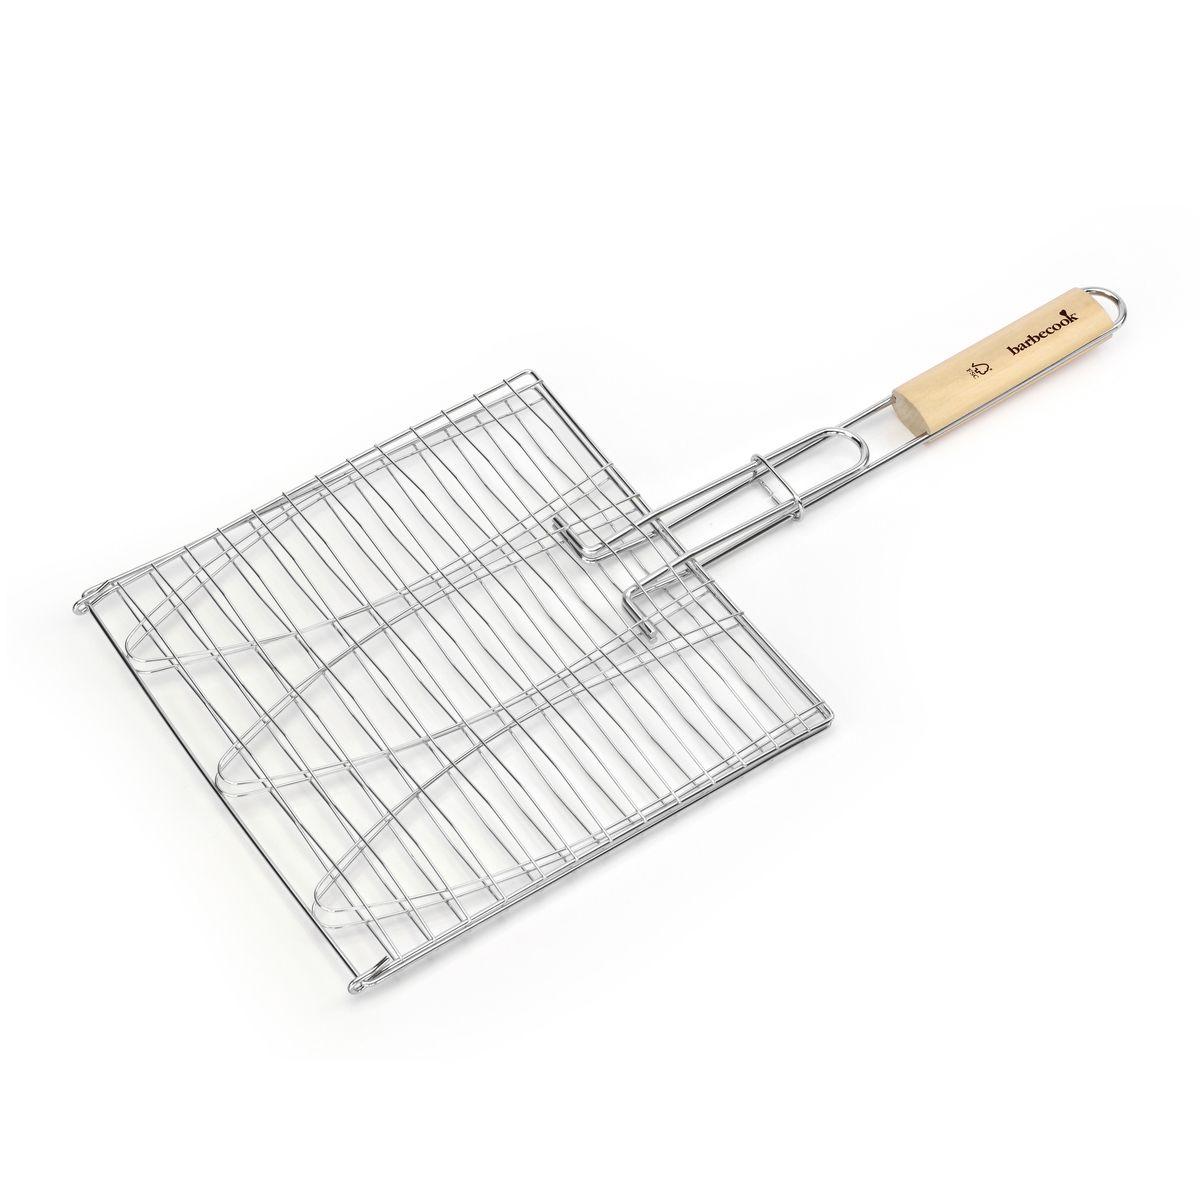 Grille rabattable pour 3 poissons en chrome 28 x 28 cm - Barbecook